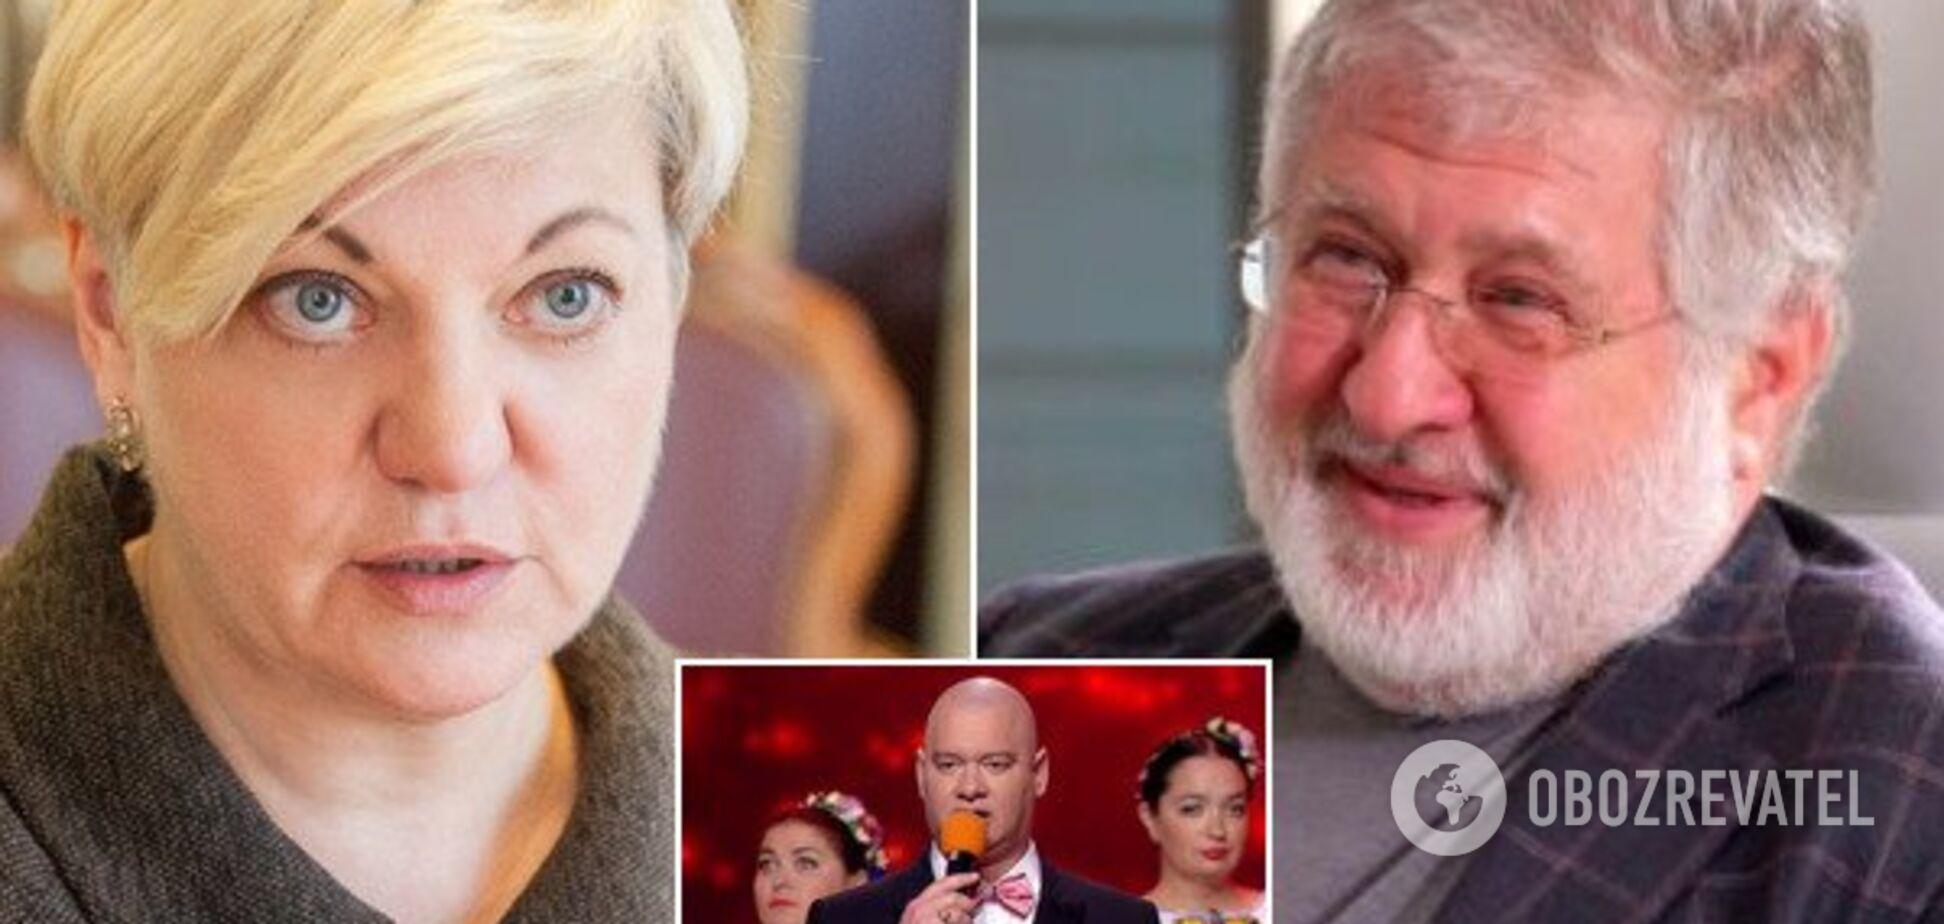 'Это будет смешно!' Коломойский высказался о суициде Гонтаревой из-за 'Квартала 95'